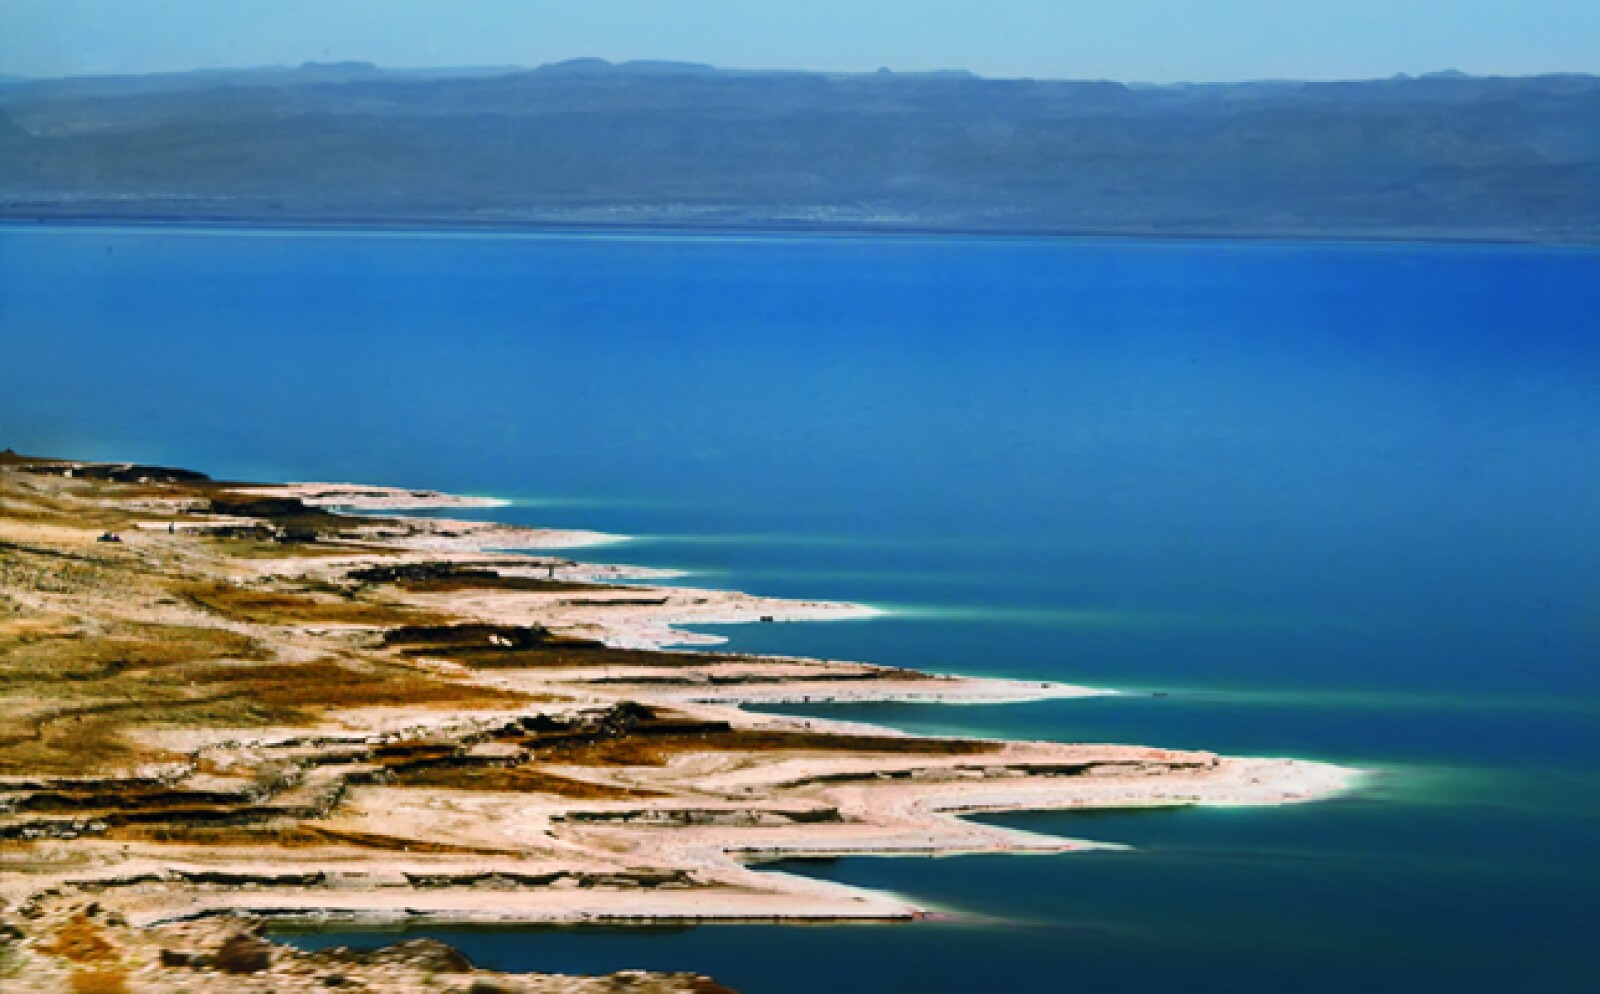 10)Si se es amante del desierto, los accidentes geográficos de la zona invitan a los turistas a recorrerlos a bordo de jeeps, realizar prácticas de rappel o volar sobre ellos en parapente.